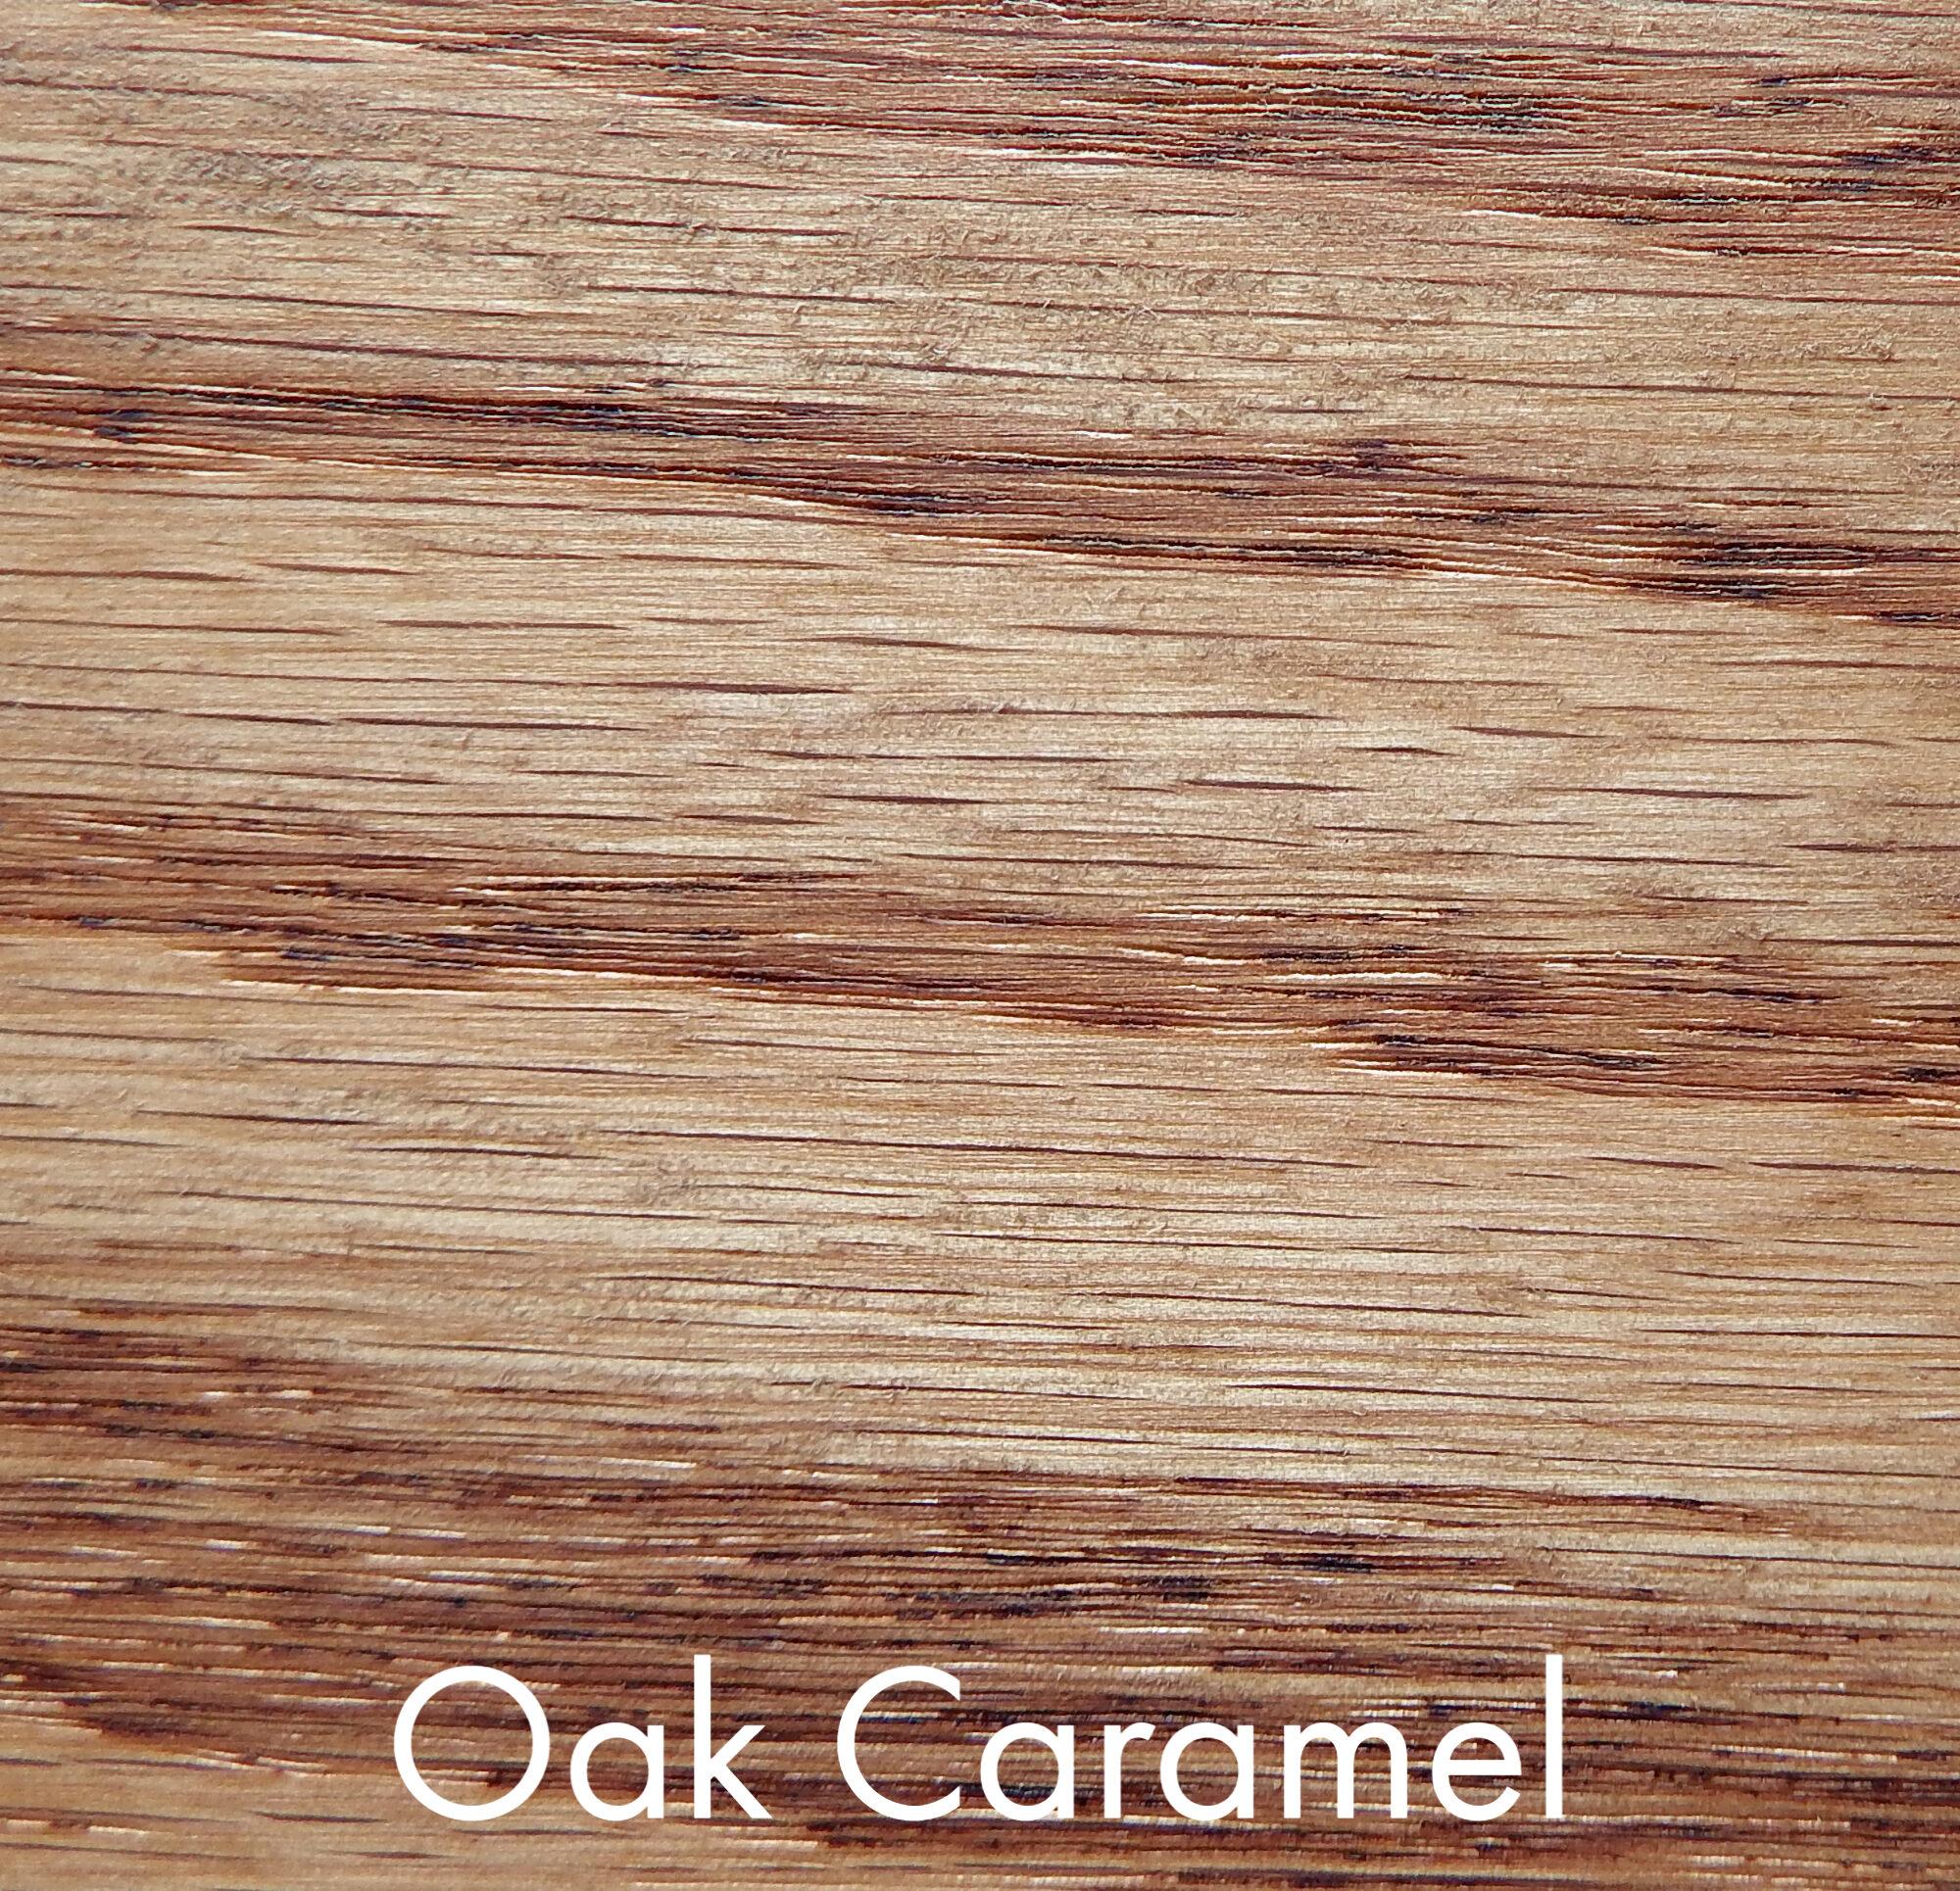 Oak Caramel